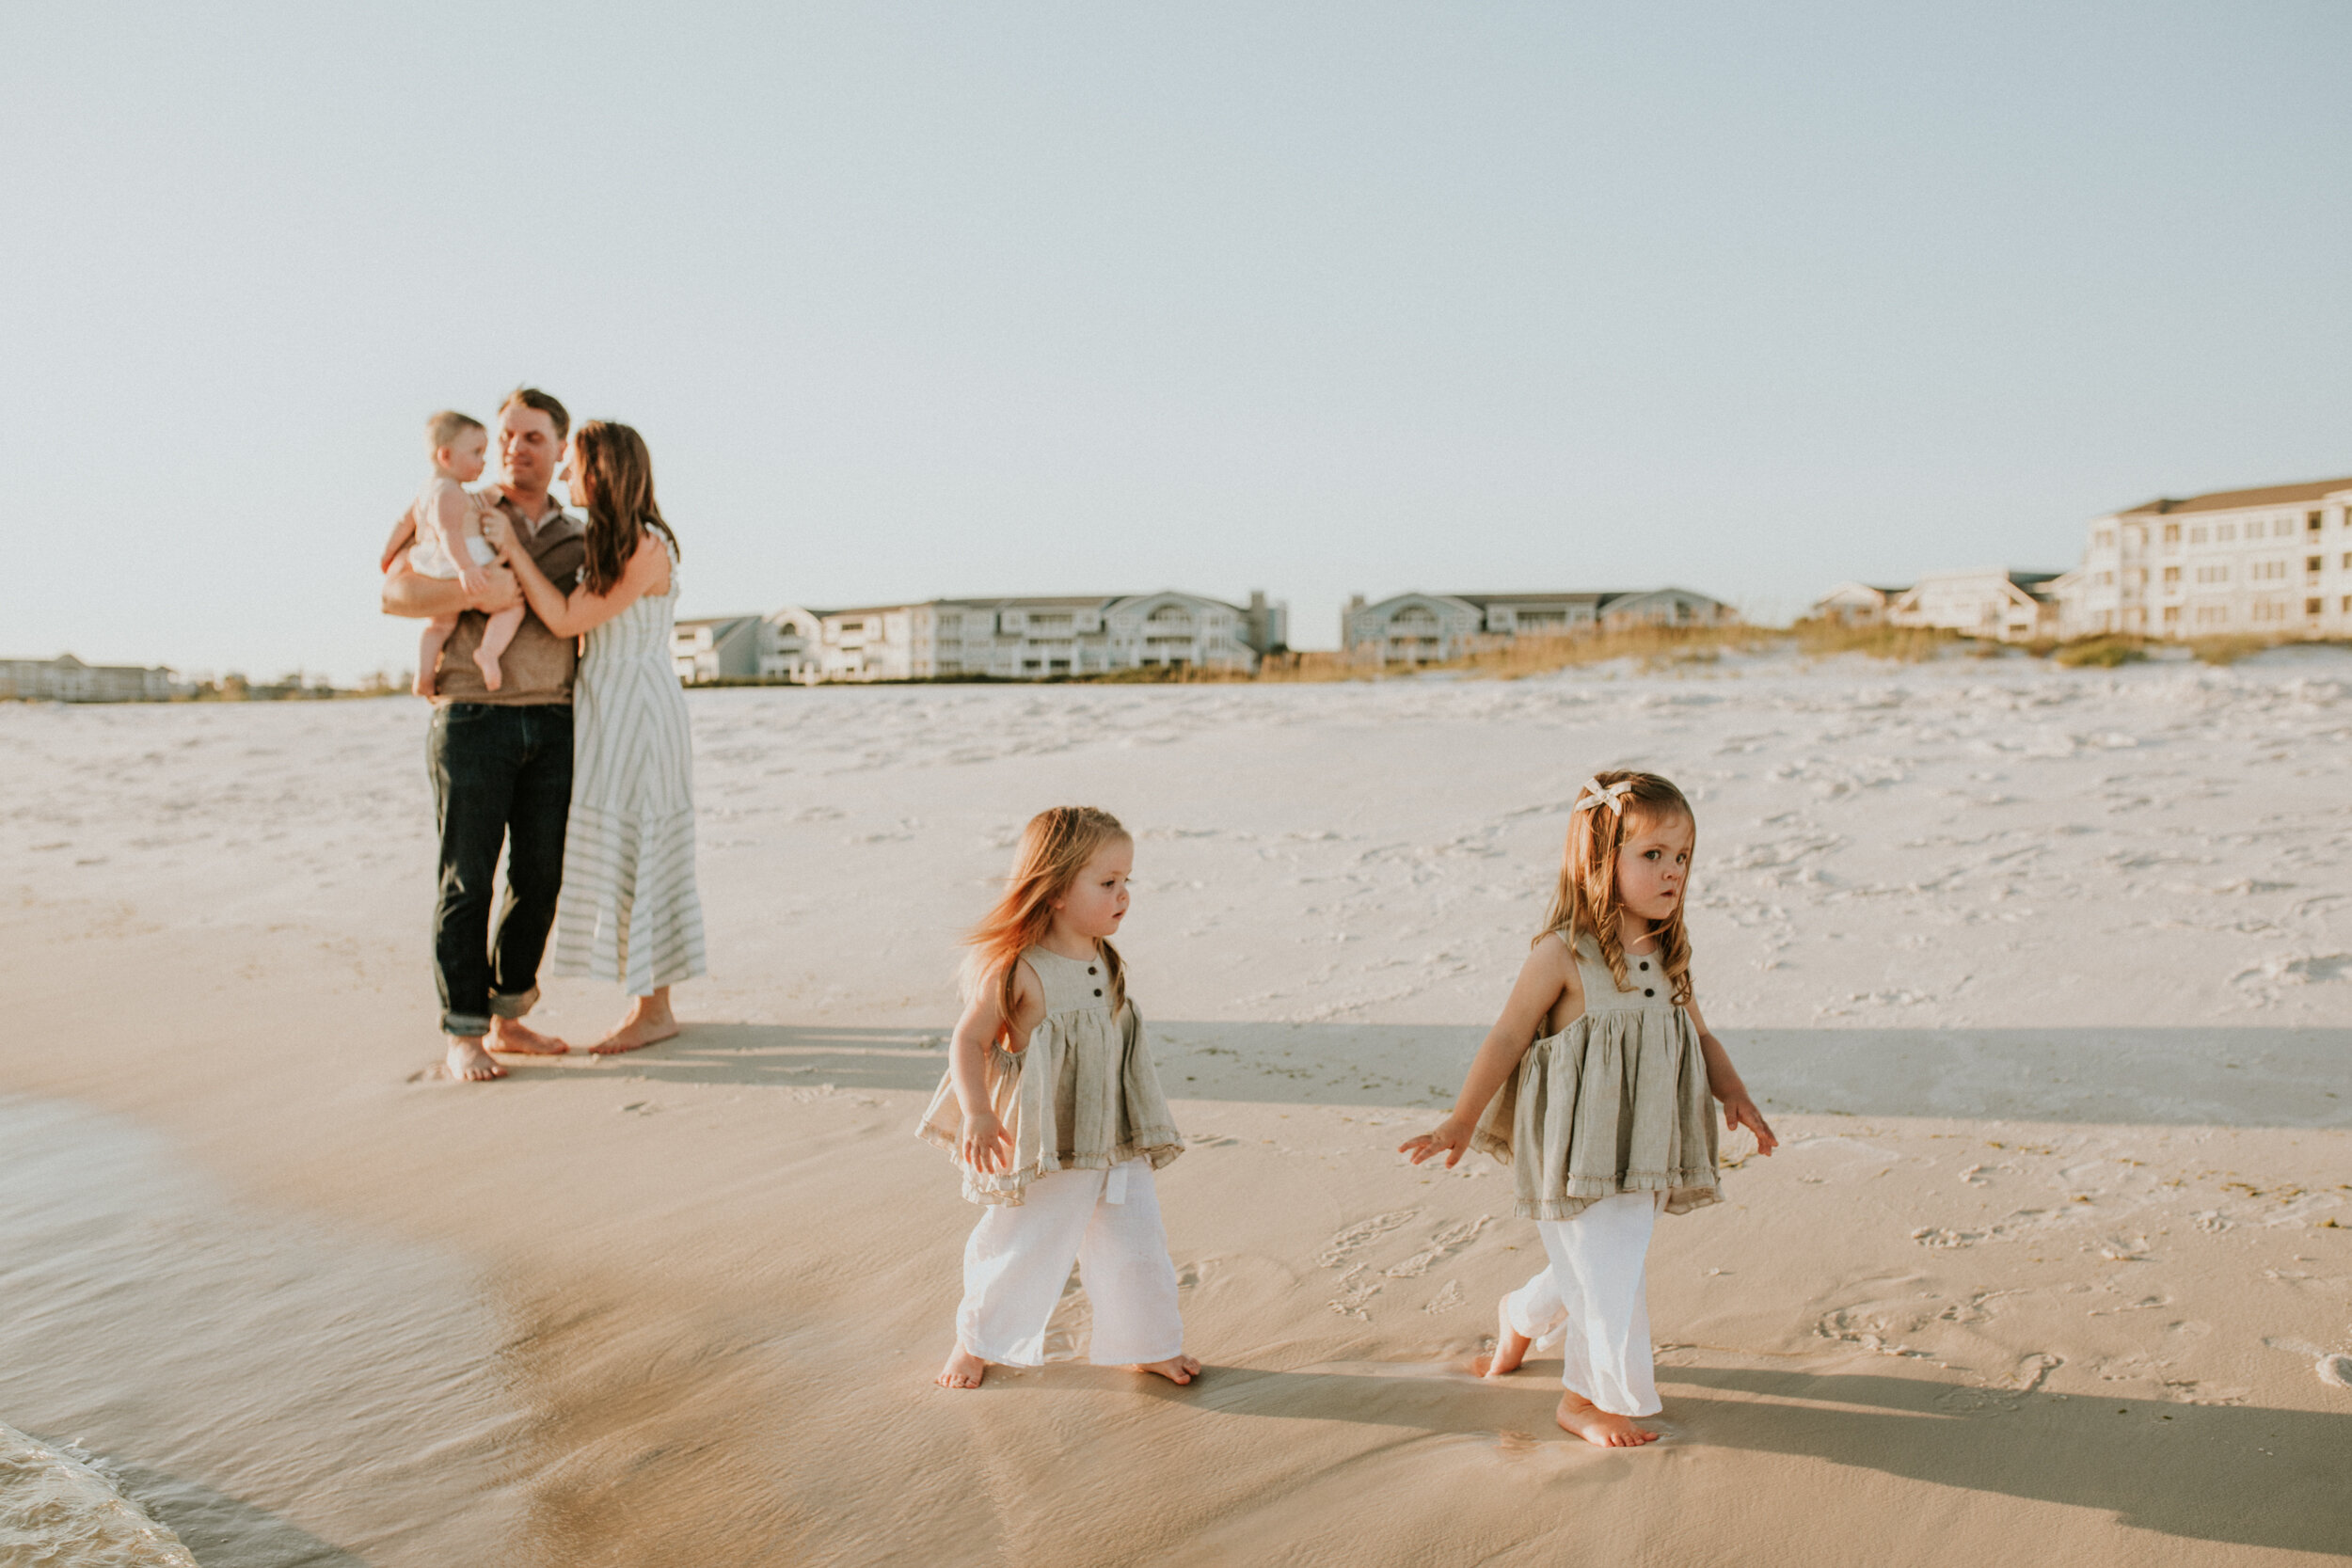 30a_Destin_Watersound_Florida_Family_Photographer_Beach_Photos-24.jpg